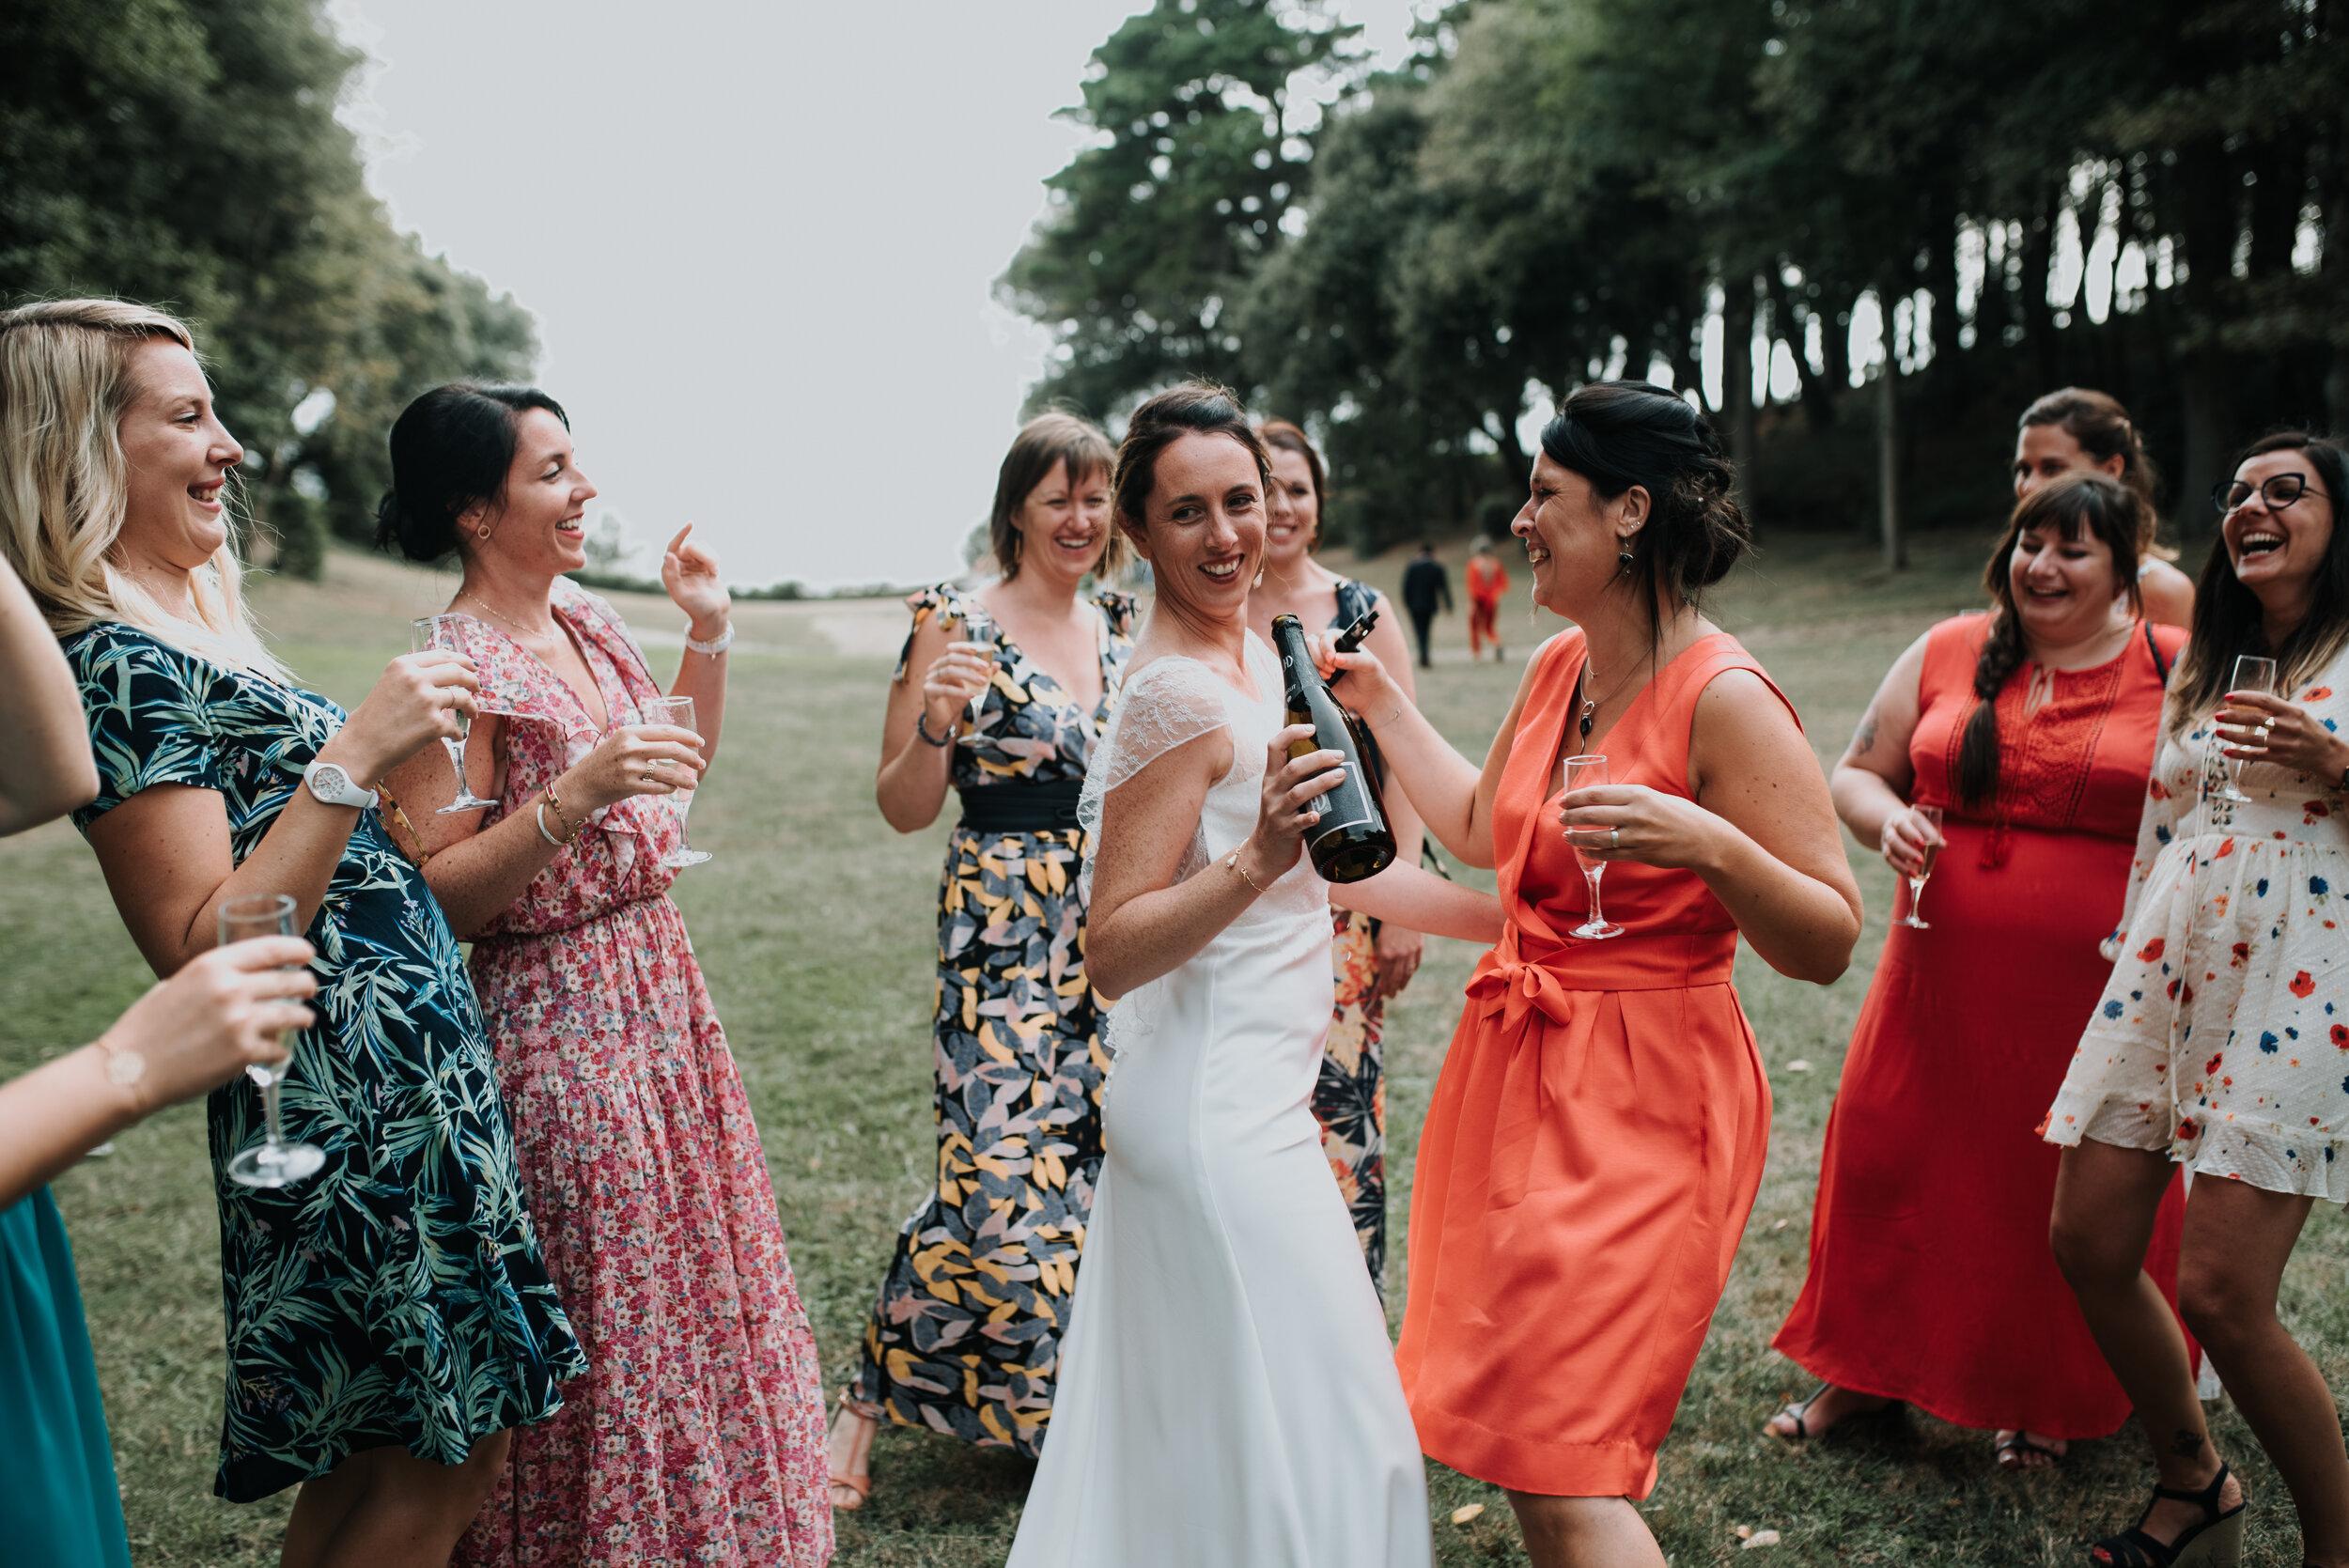 Léa-Fery-photographe-professionnel-Bretagne-portrait-creation-mariage-evenement-evenementiel-famille-7295.jpg